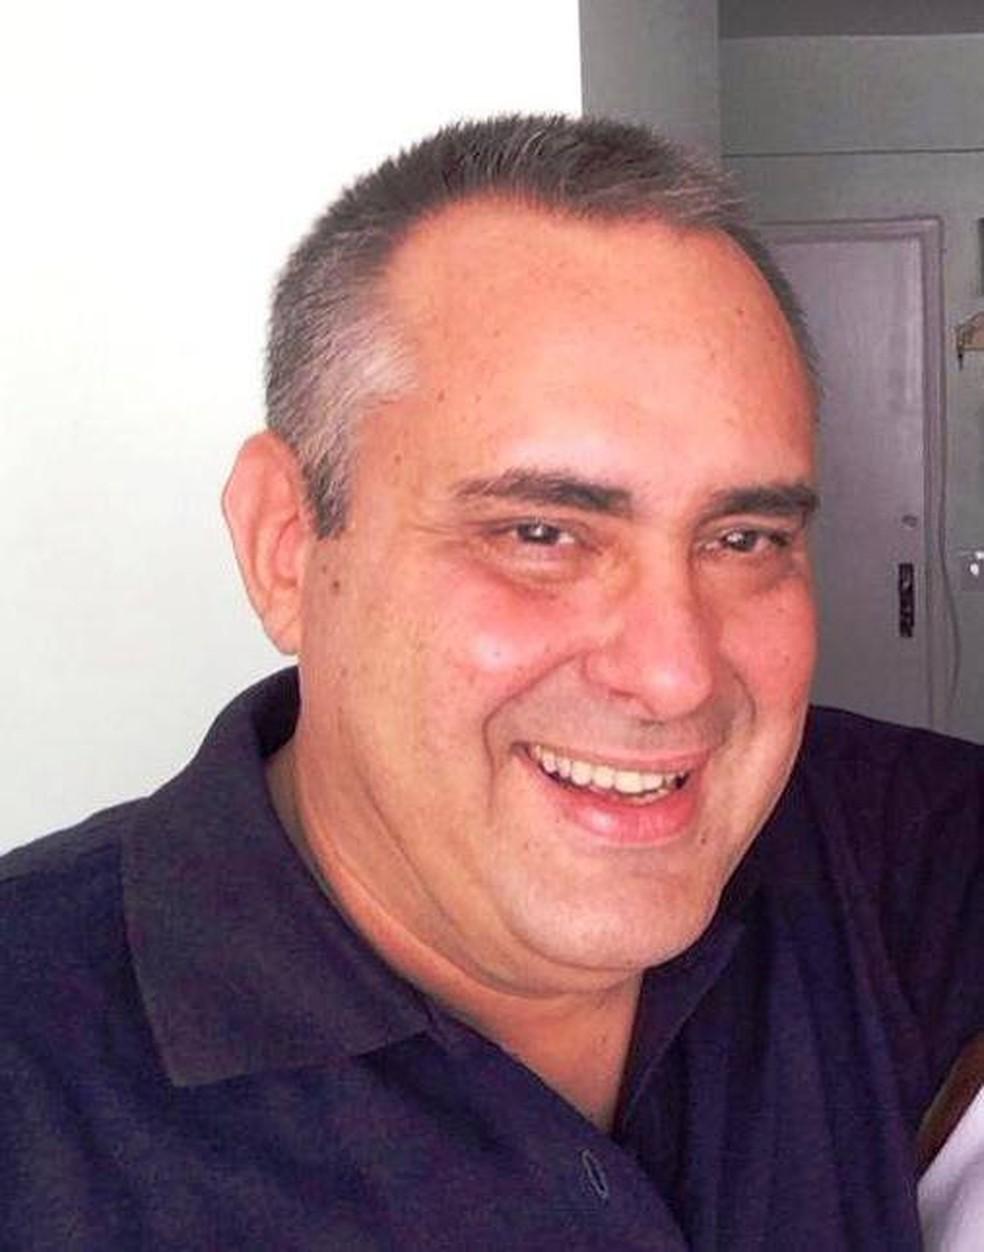 Octavio Tostes, jornalista, morreu aos 62 anos, no Rio de Janeiro — Foto: Reprodução/Redes sociais